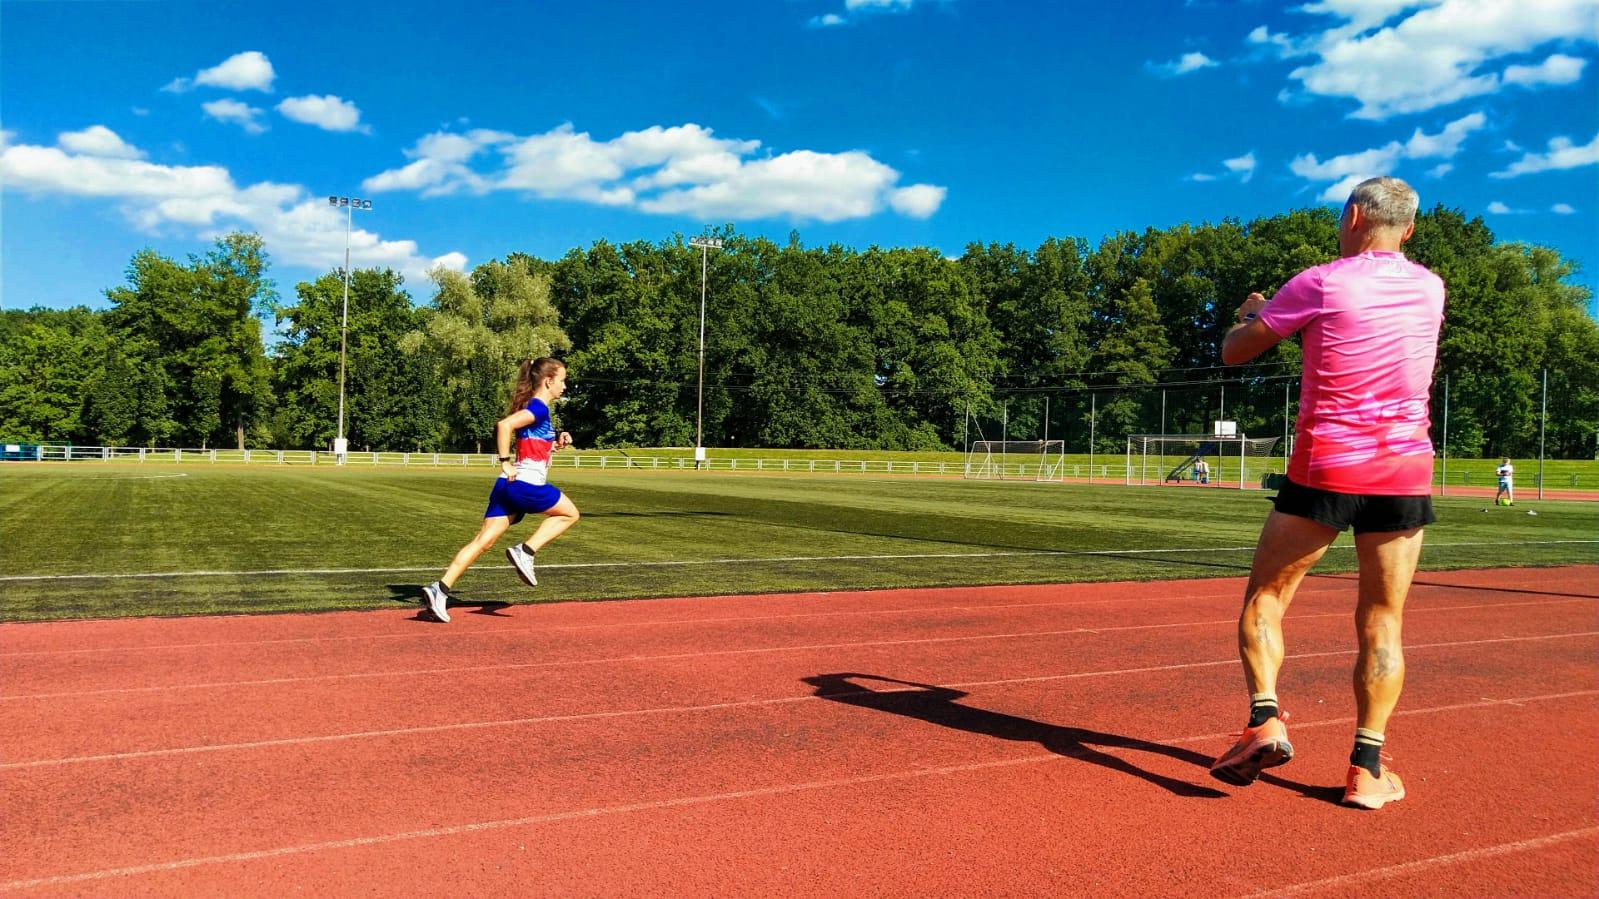 Reportáž deníku N | Vaše běžecké chyby nemilosrdně odhalí video